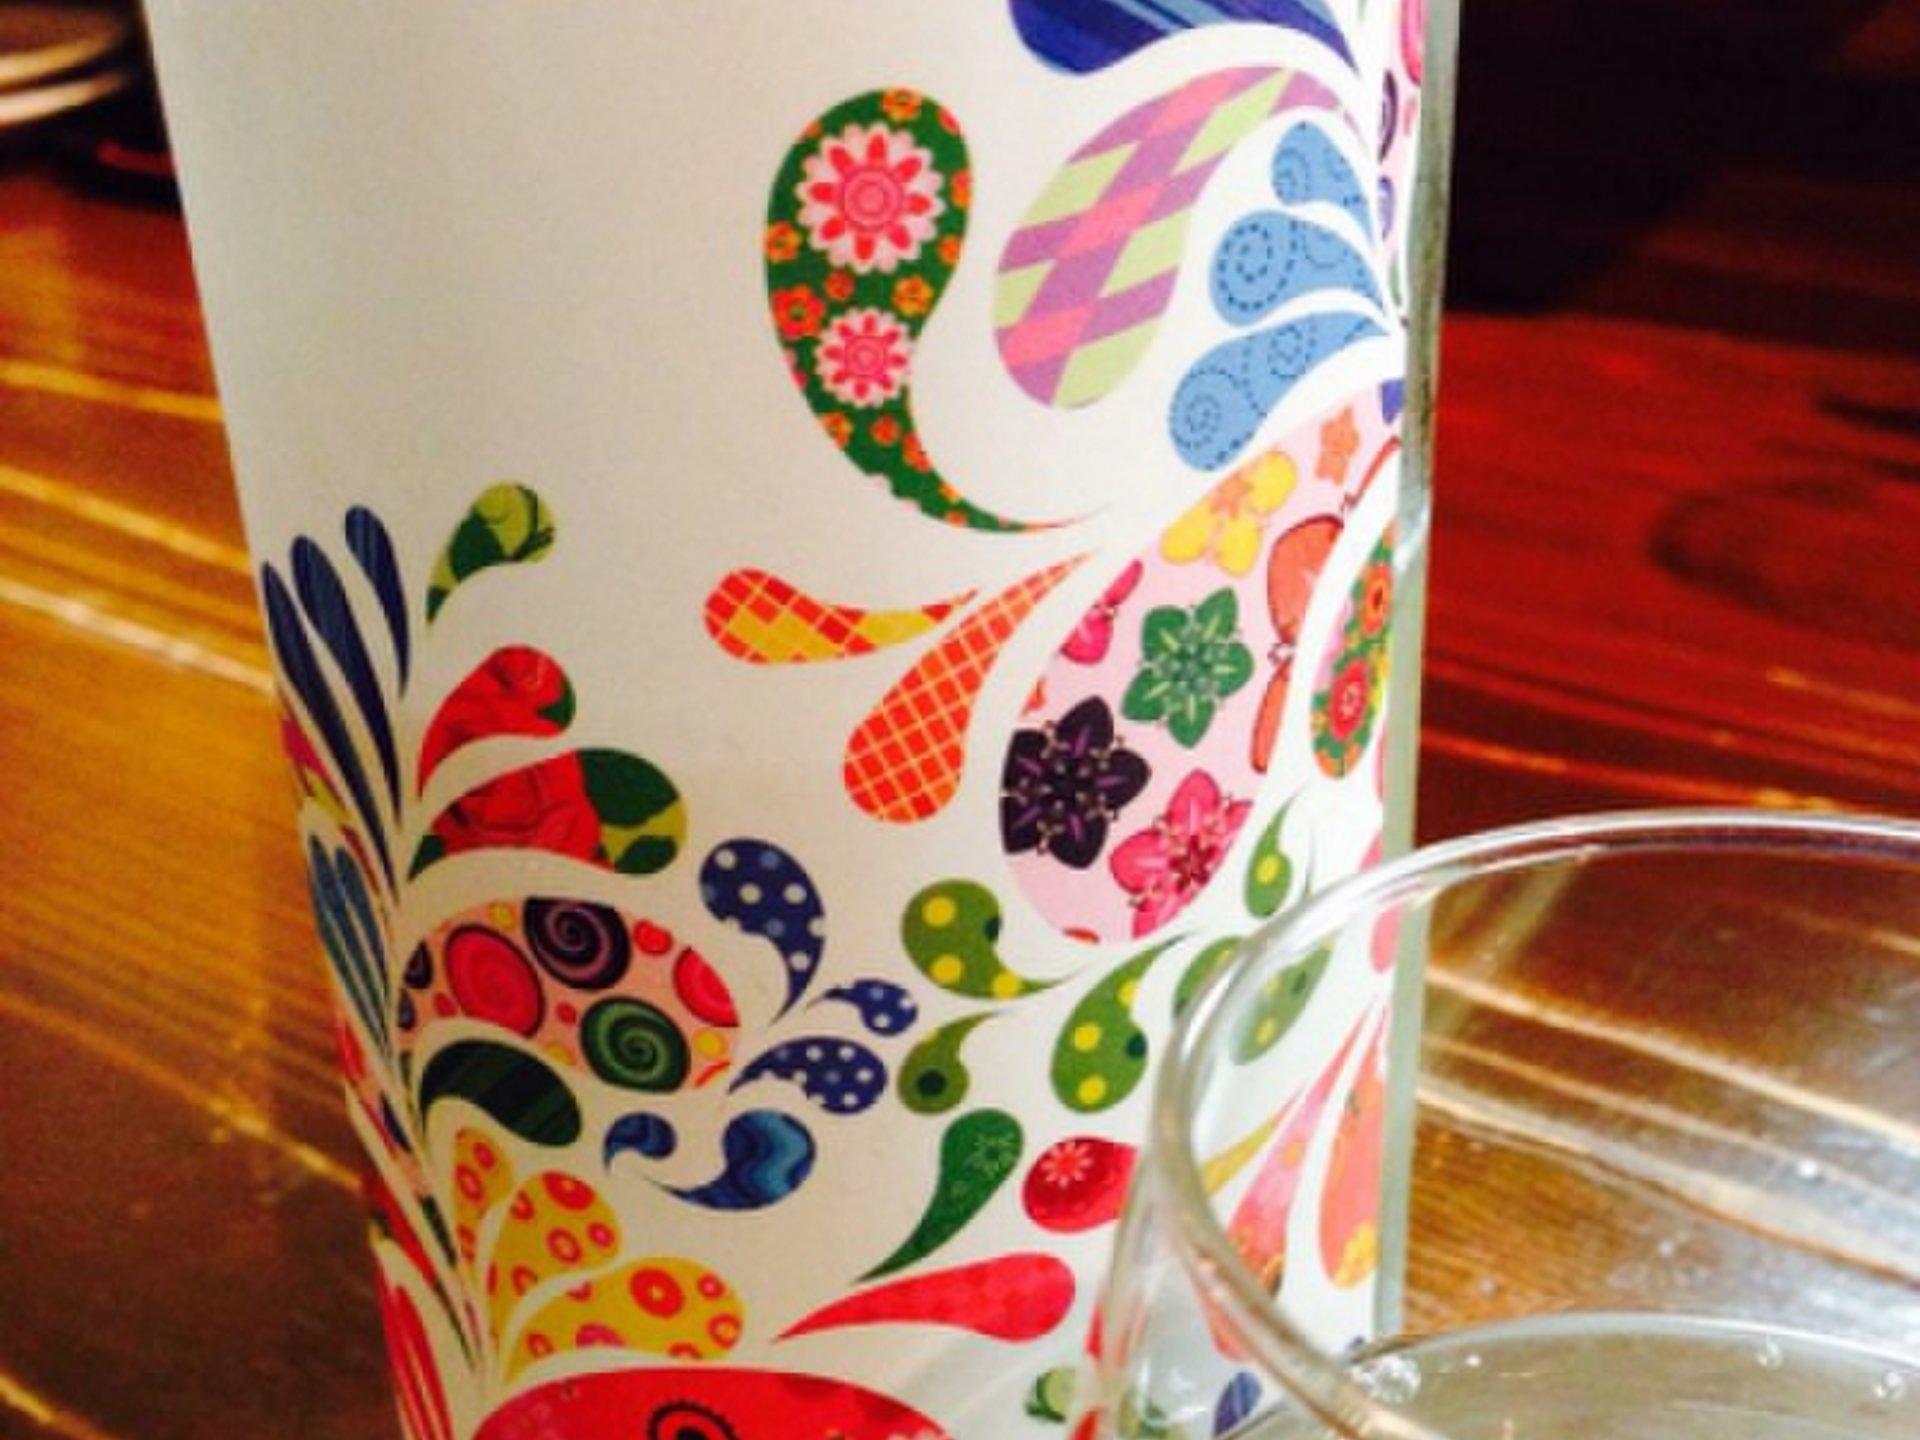 渋谷で珍しい日本酒が吞める!?数本限定ワイン酵母で作った日本酒を発見!